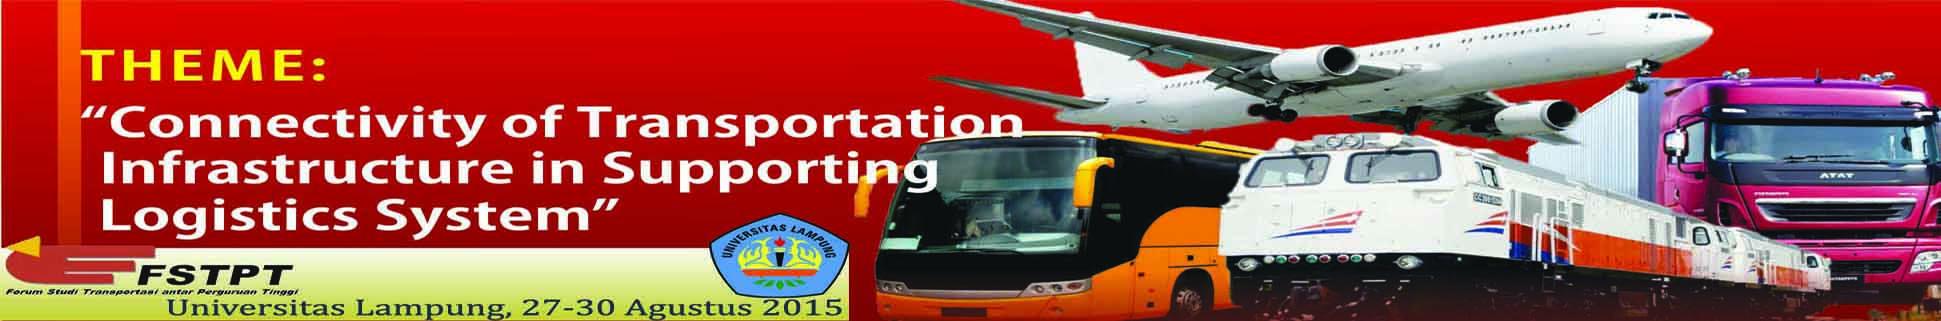 Forum Studi Transportasi antar Perguruan Tinggi